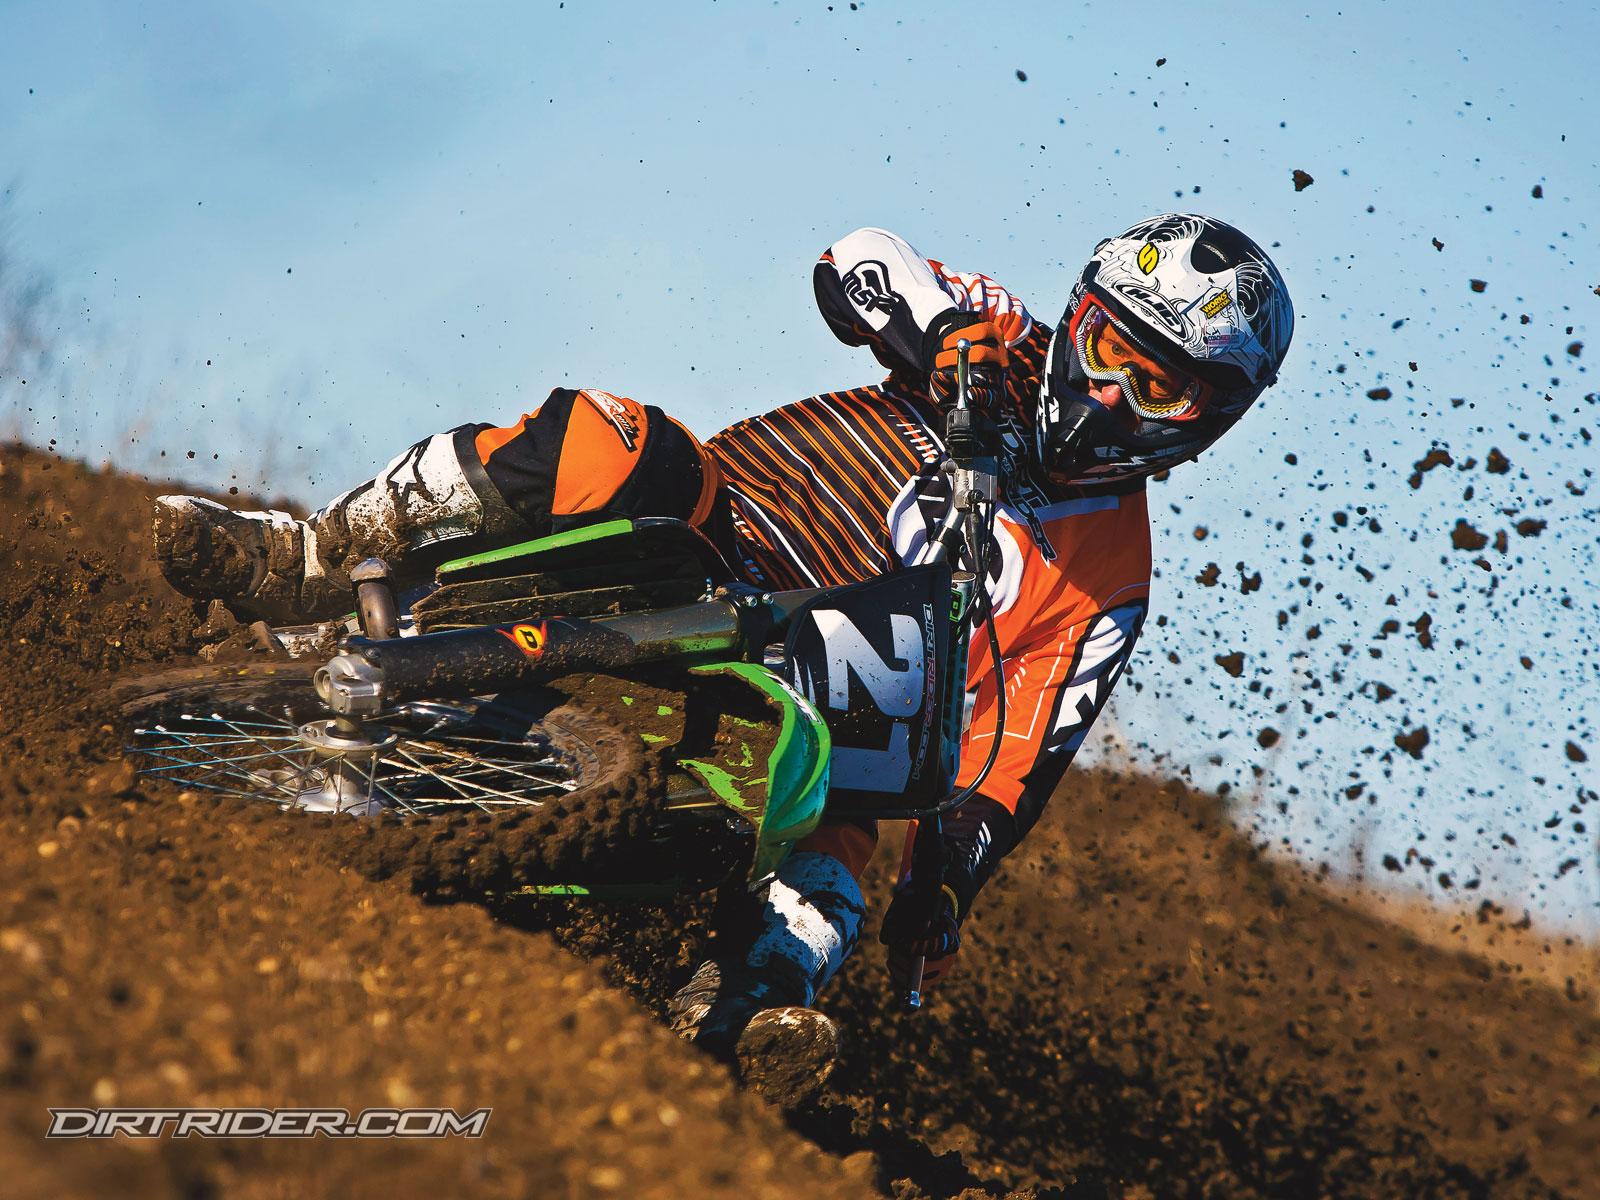 http://2.bp.blogspot.com/-J8PxmJEidwY/T143Vd9WMDI/AAAAAAAACwM/qiBbQlo2WsQ/s1600/141_1103_36_w%20dirt_bike_wallpapers%202011_Kawasaki_KX250F.jpg